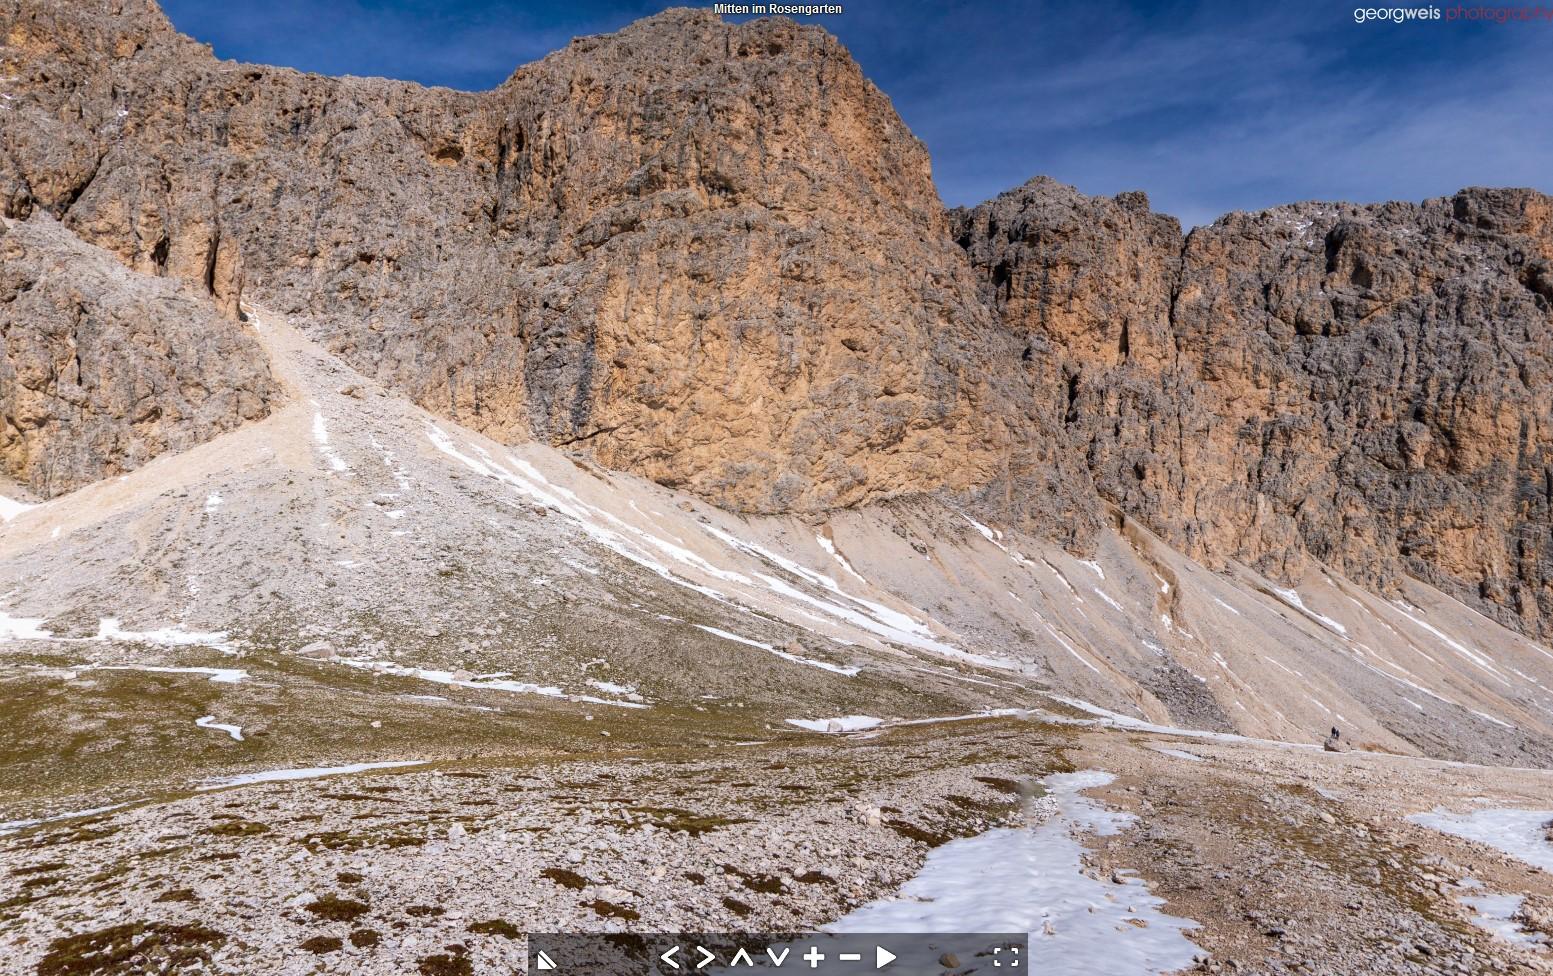 Antermoia (2500m), Mazzin di Fassa